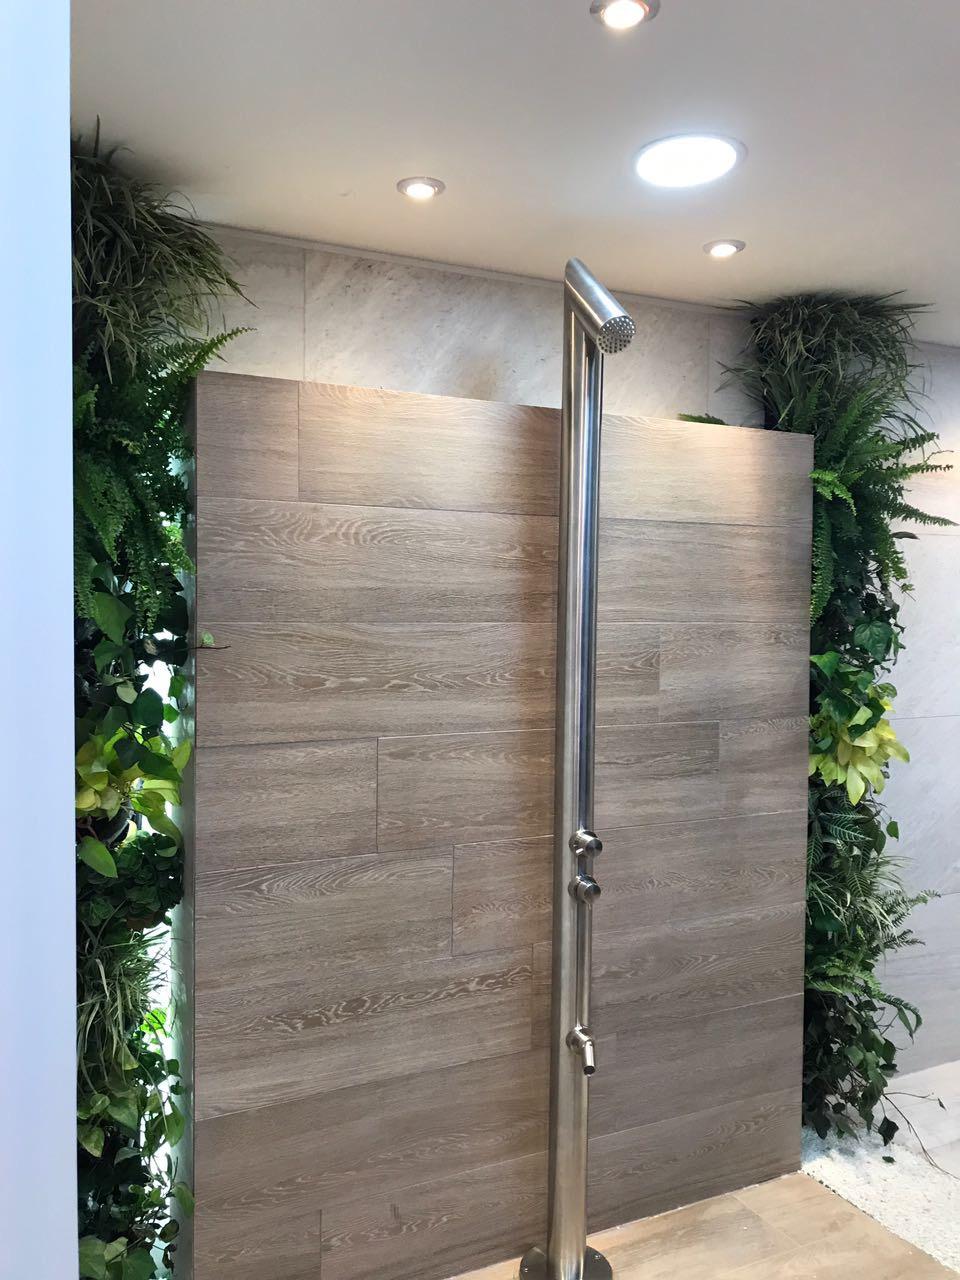 estilo natural porcelanato madera texturas duña pared piso diseño